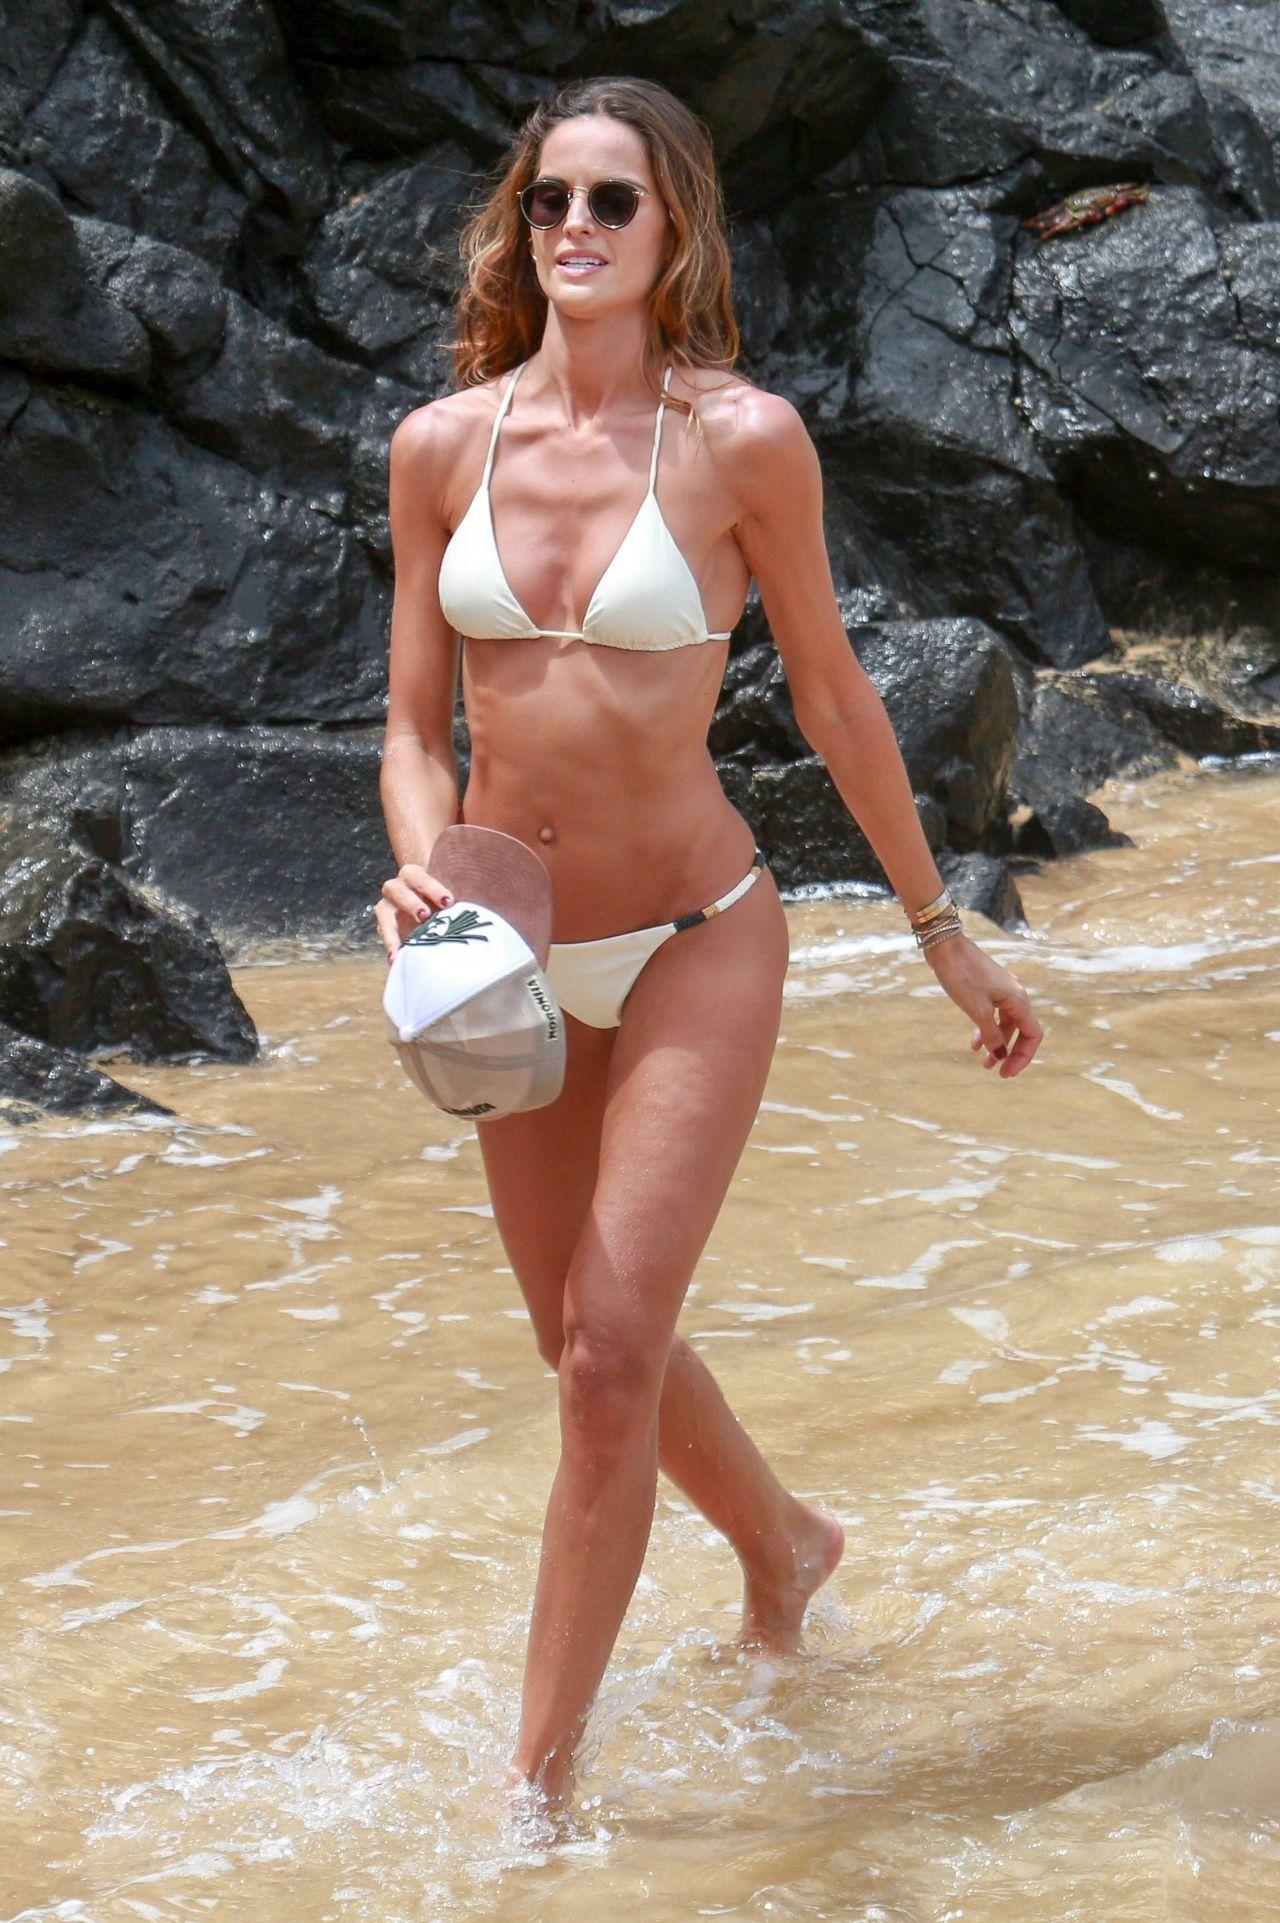 Izabel goulart bikini photos nudes (36 images)